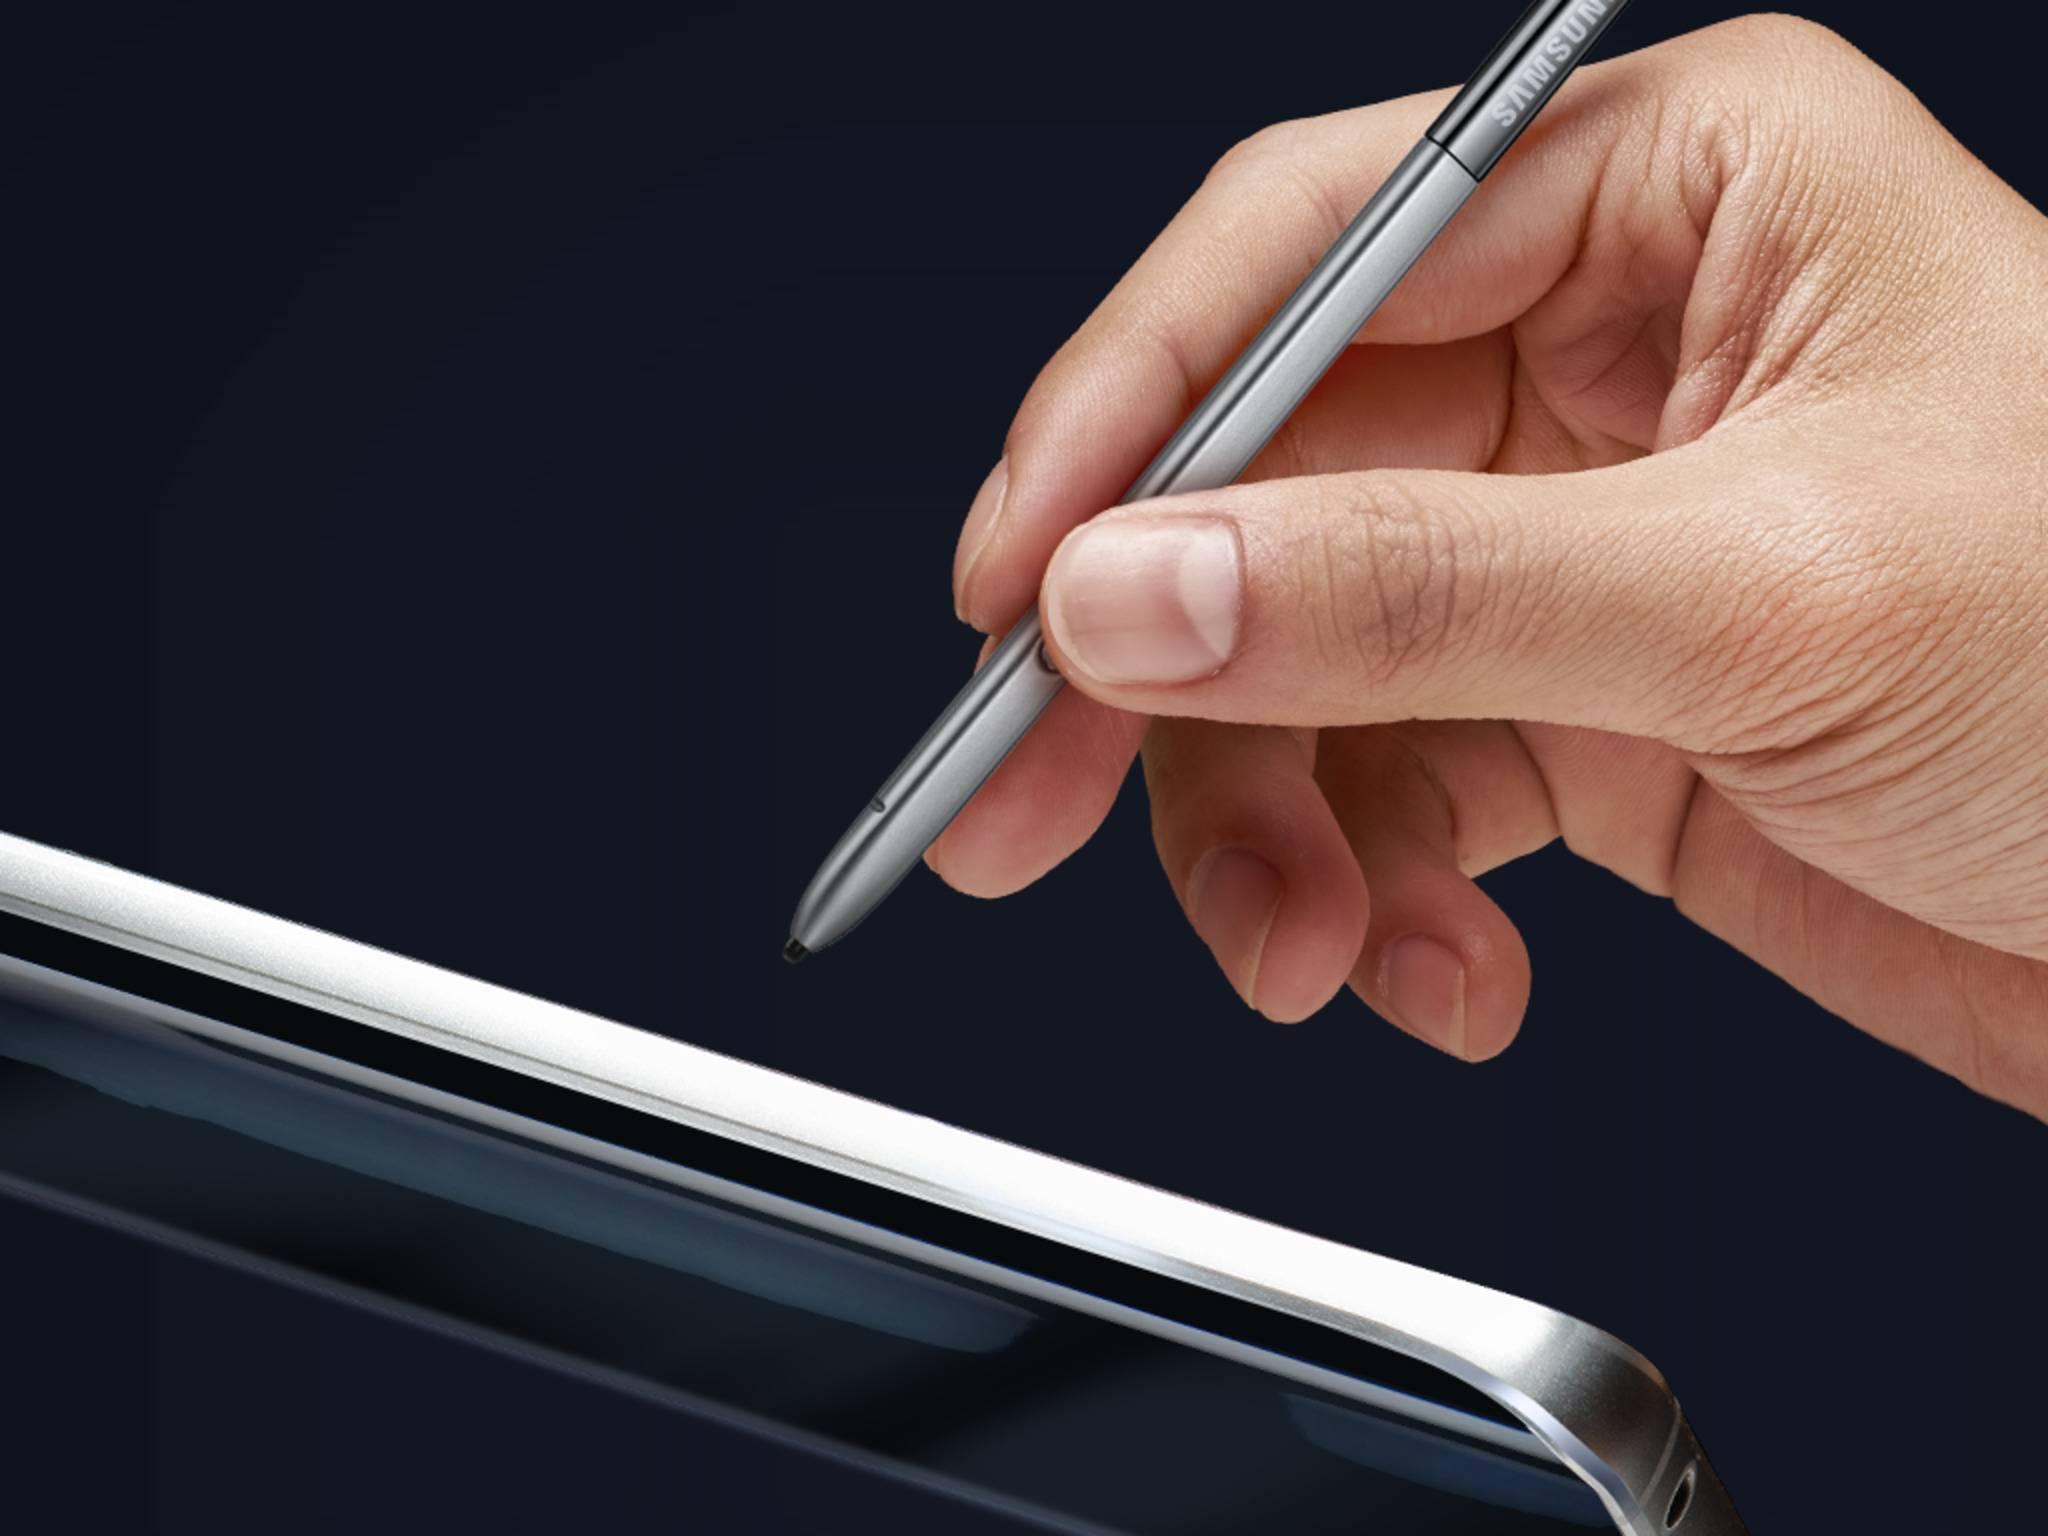 Der S Pen des Galaxy Note 5 soll komplett überarbeitet werden.